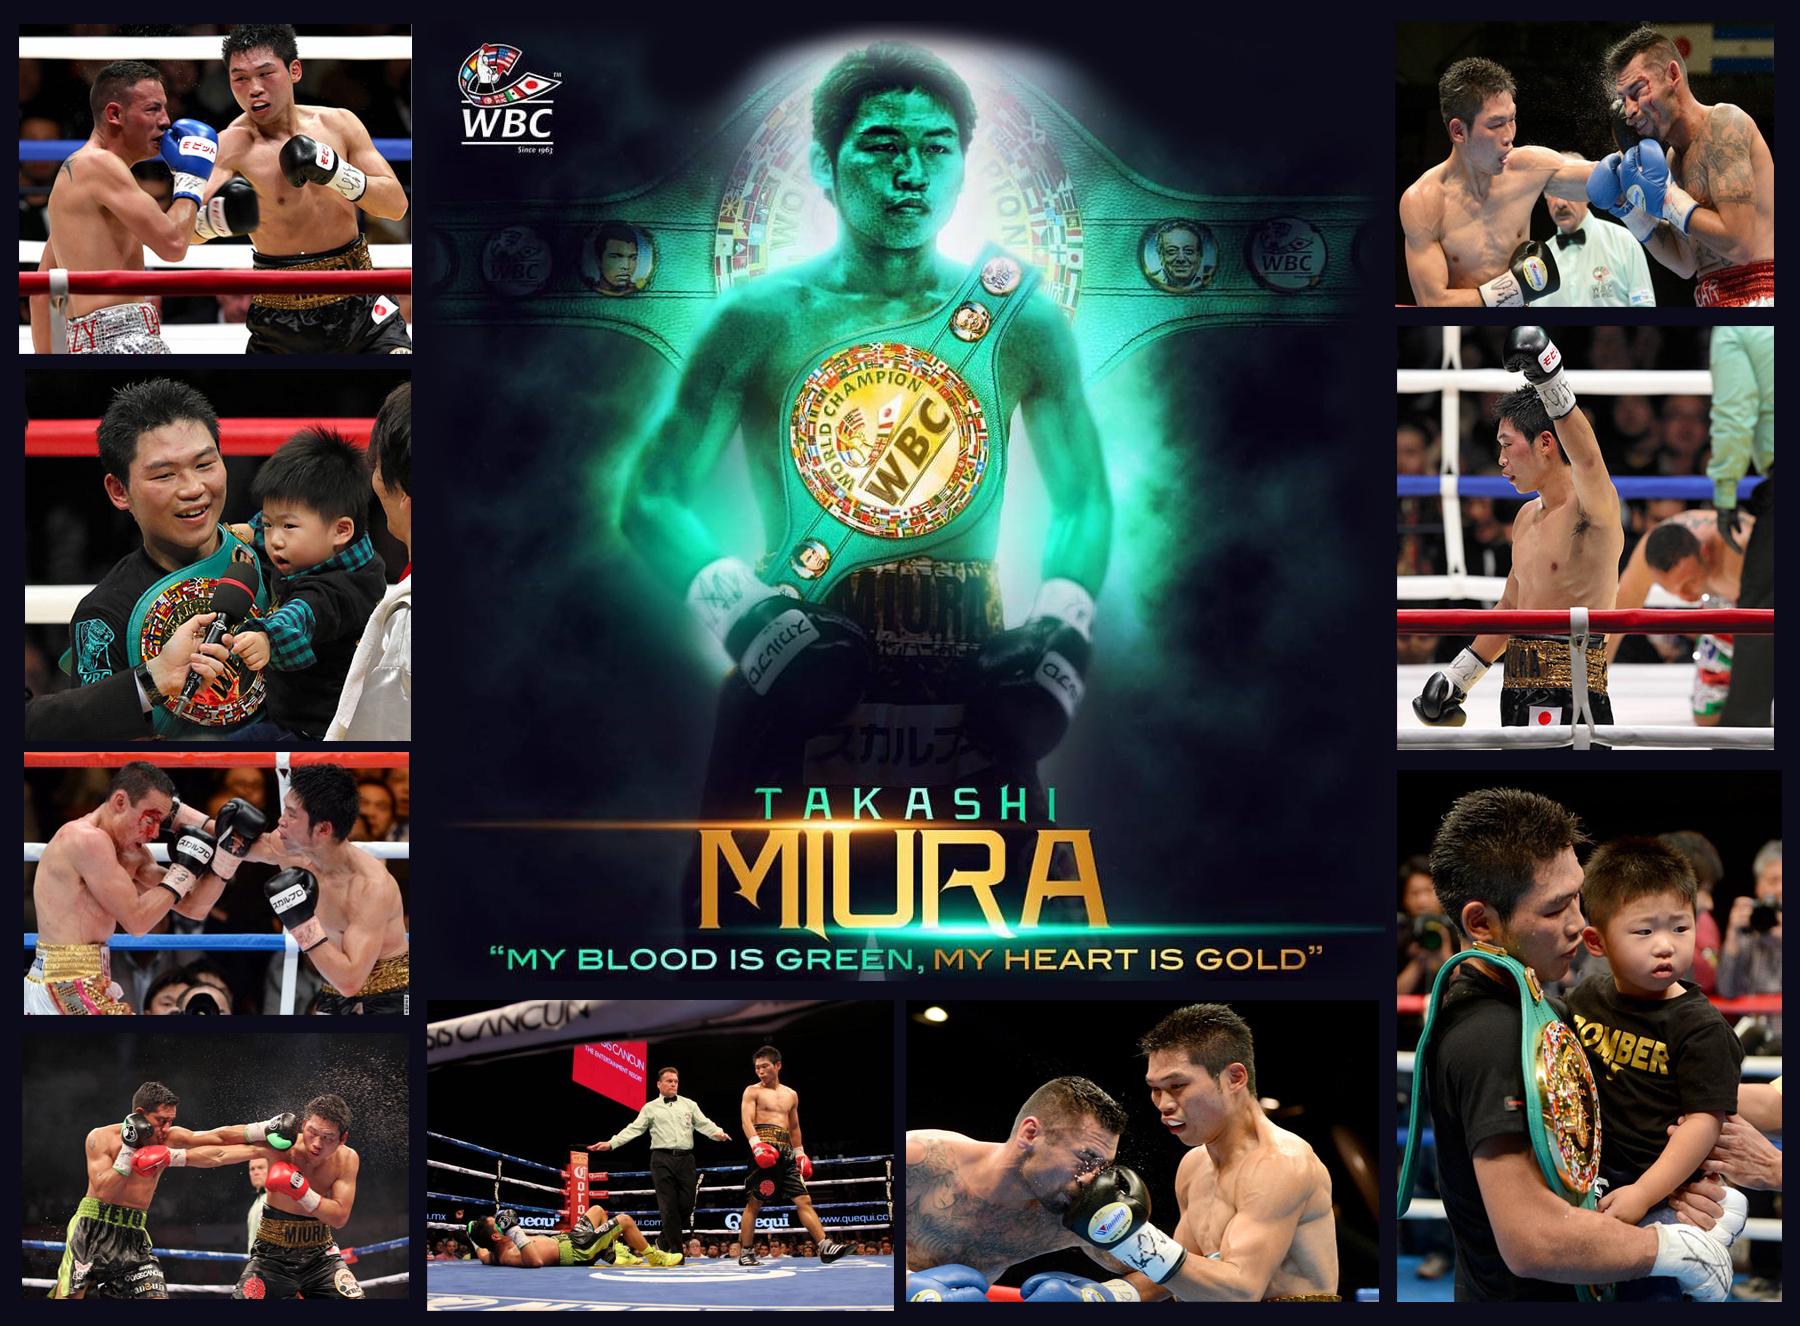 Takashi Miura anunció su retiro del boxeo